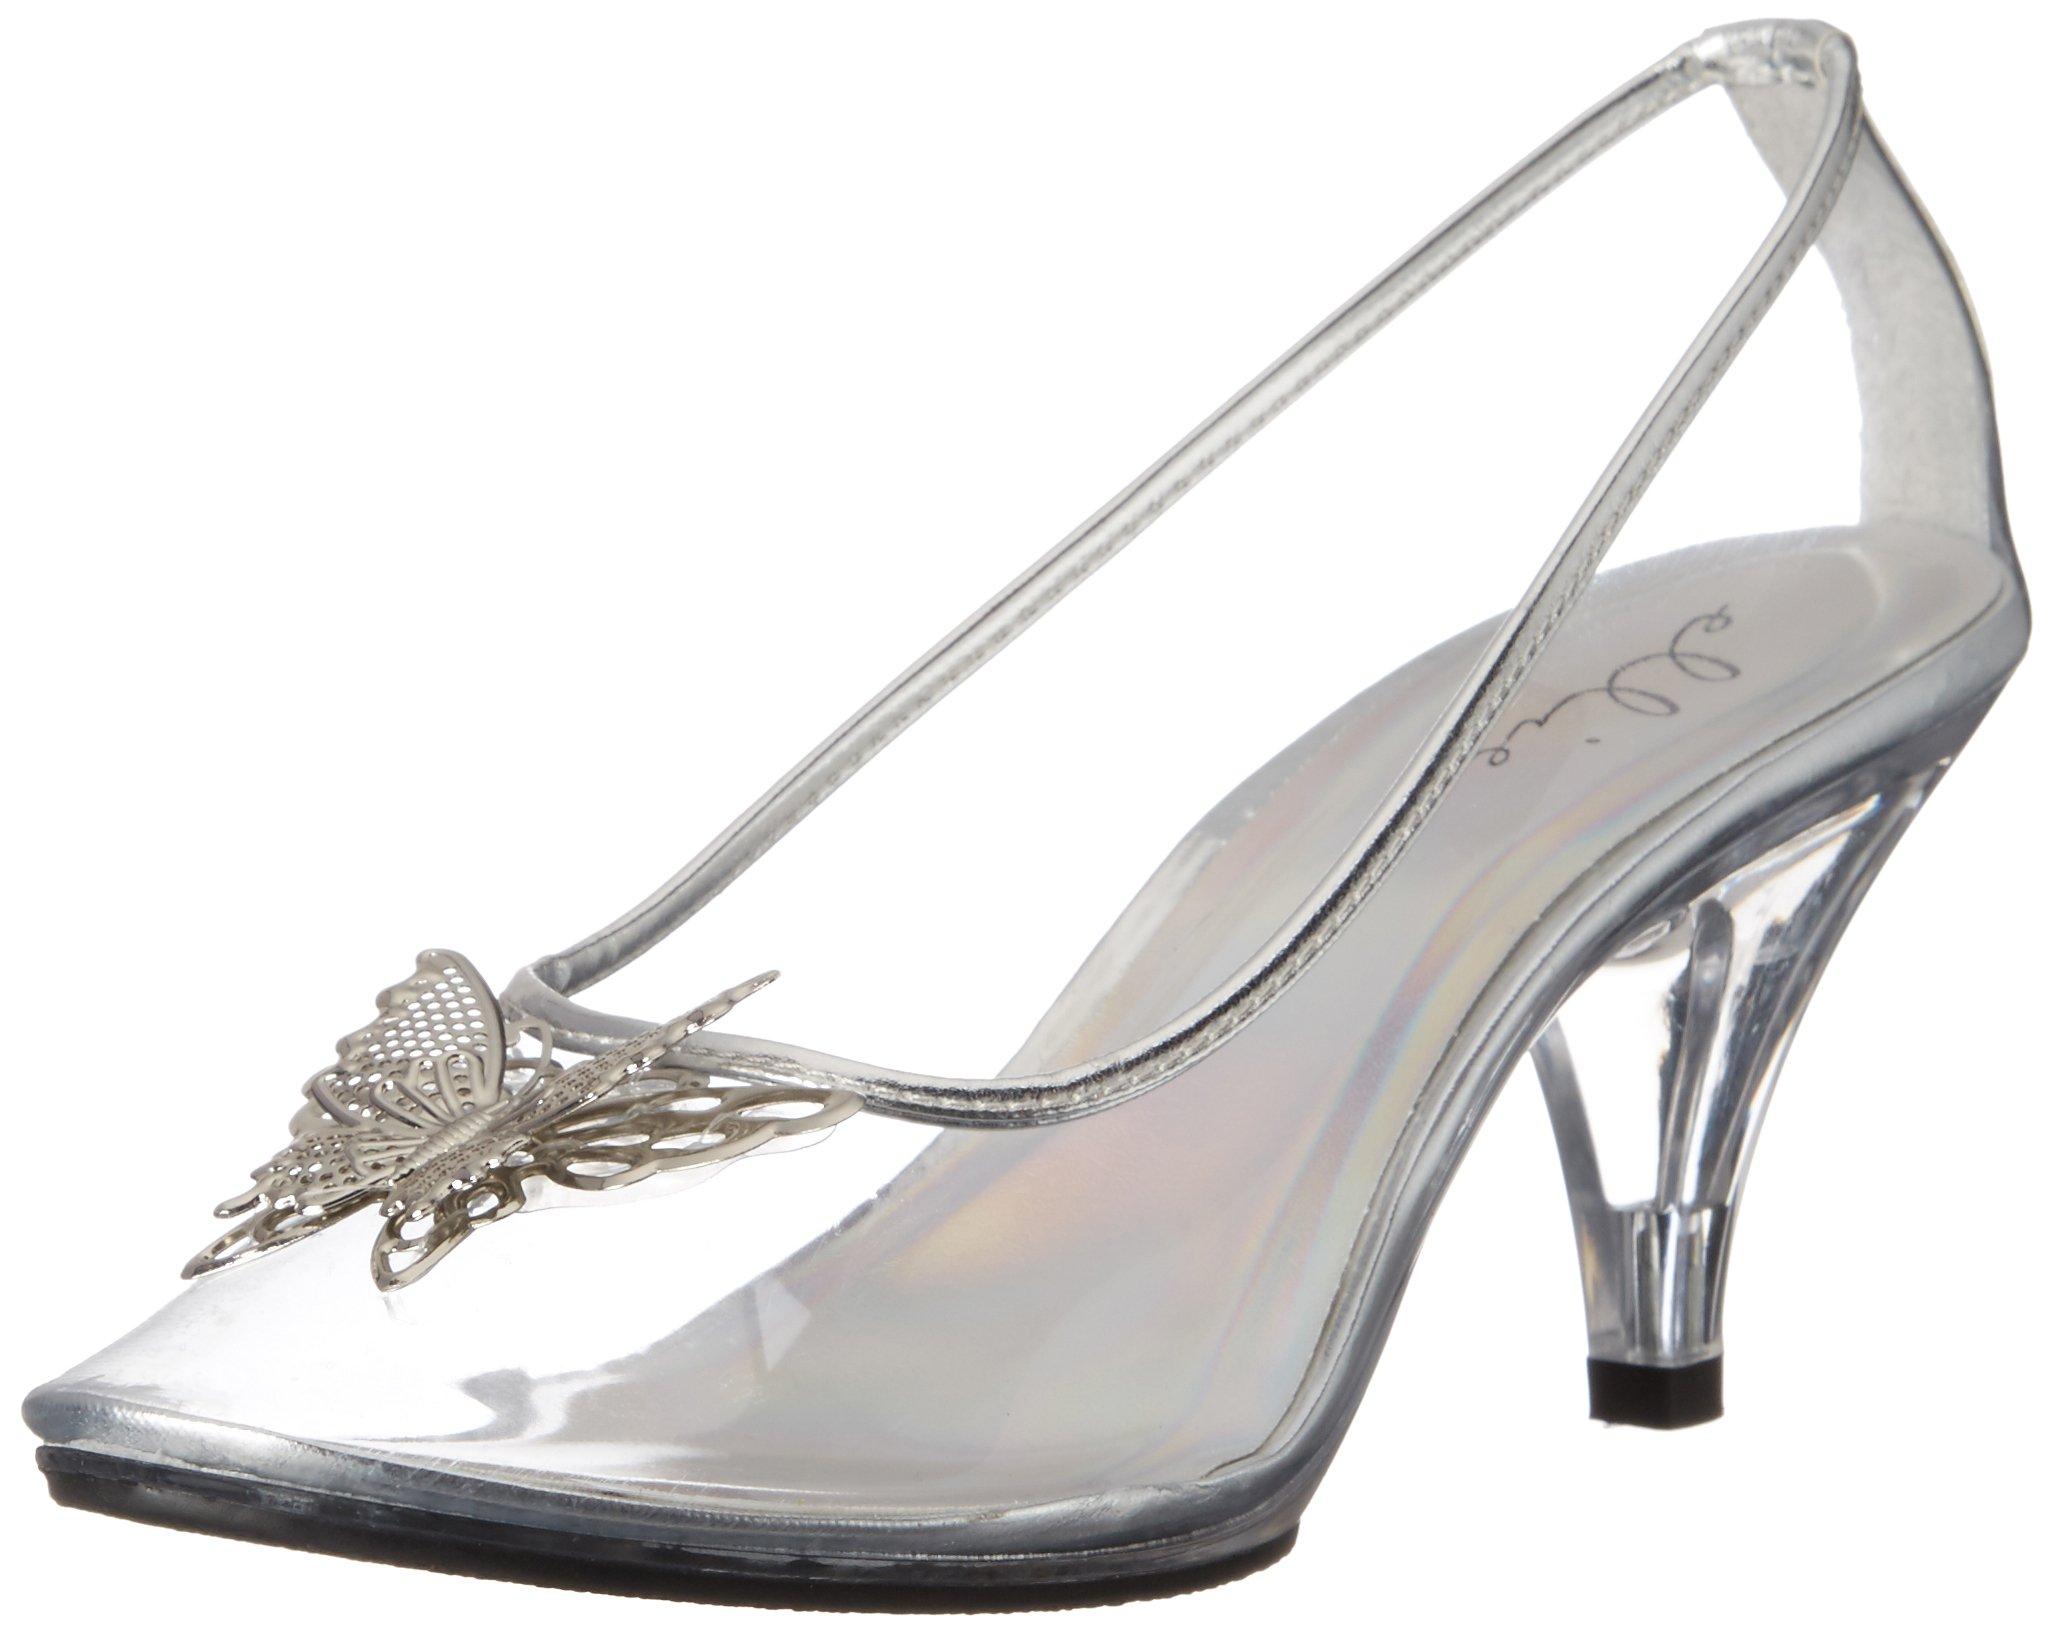 Ellie Shoes Women's 305-Cinder Dress Pump, Clear, 8 B Us